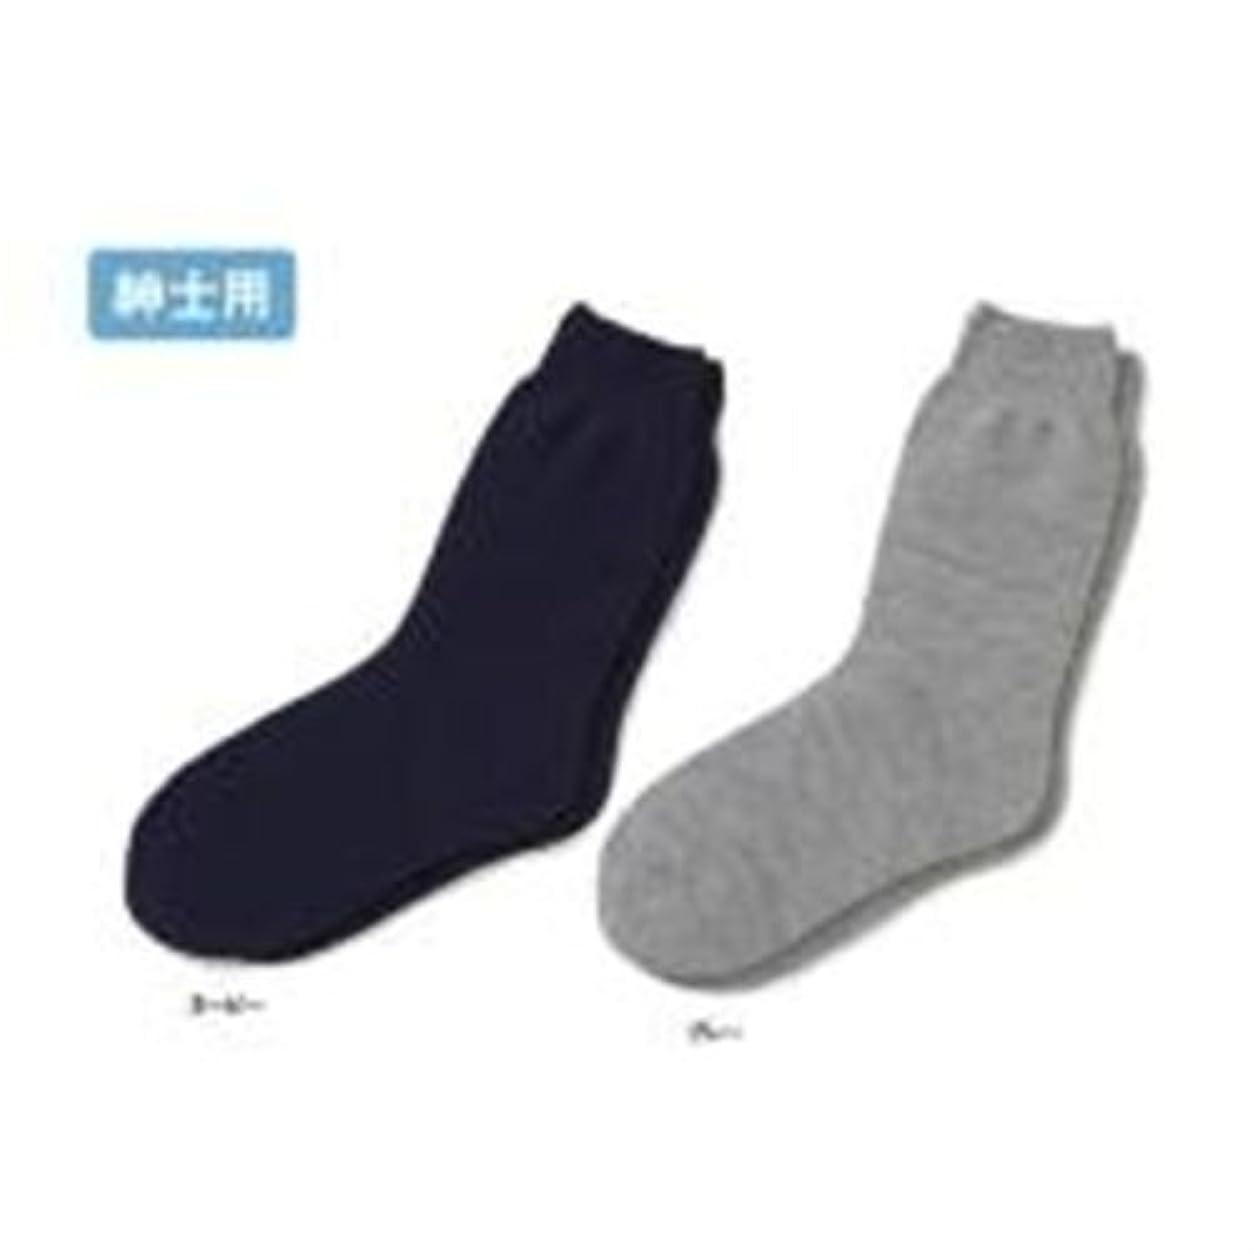 グレートオーク意識膨らみコベス 紳士超ゆったり靴下むくみ用 24~29cm×3足 5693 グレー